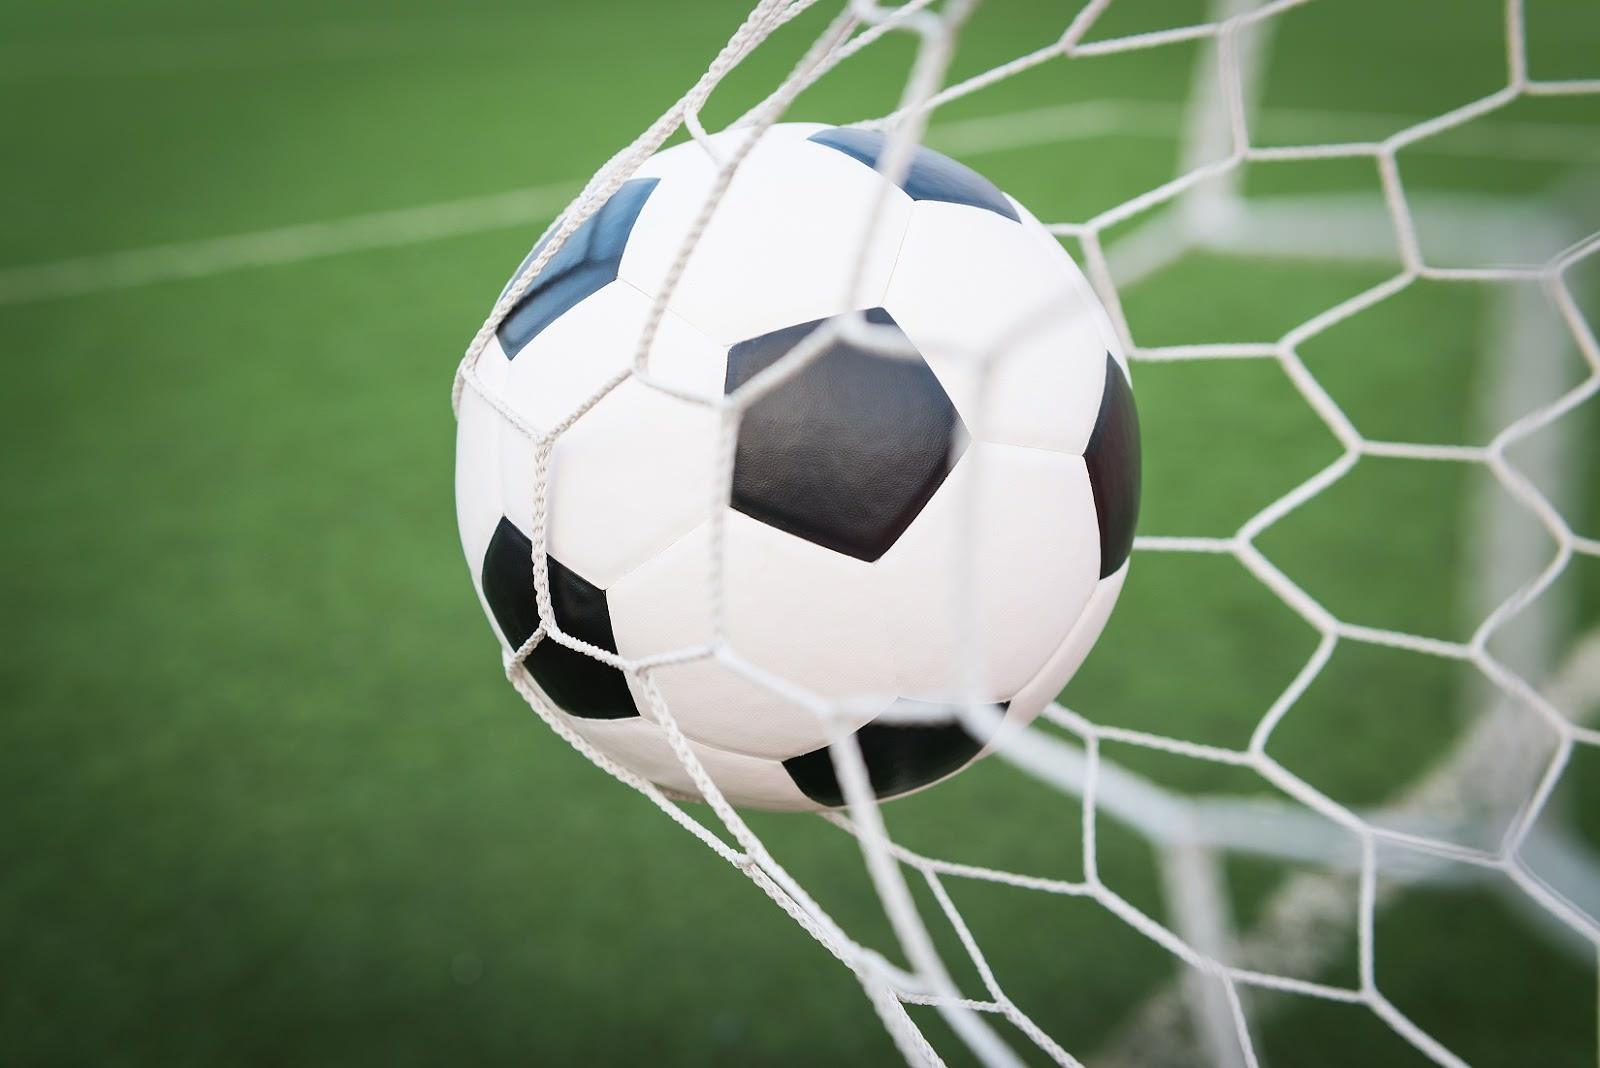 Brasileirao Cbf Divulga Tabela Basica Do Primeiro Turno Da Serie C 2020 Polemica Paraiba Polemica Paraiba